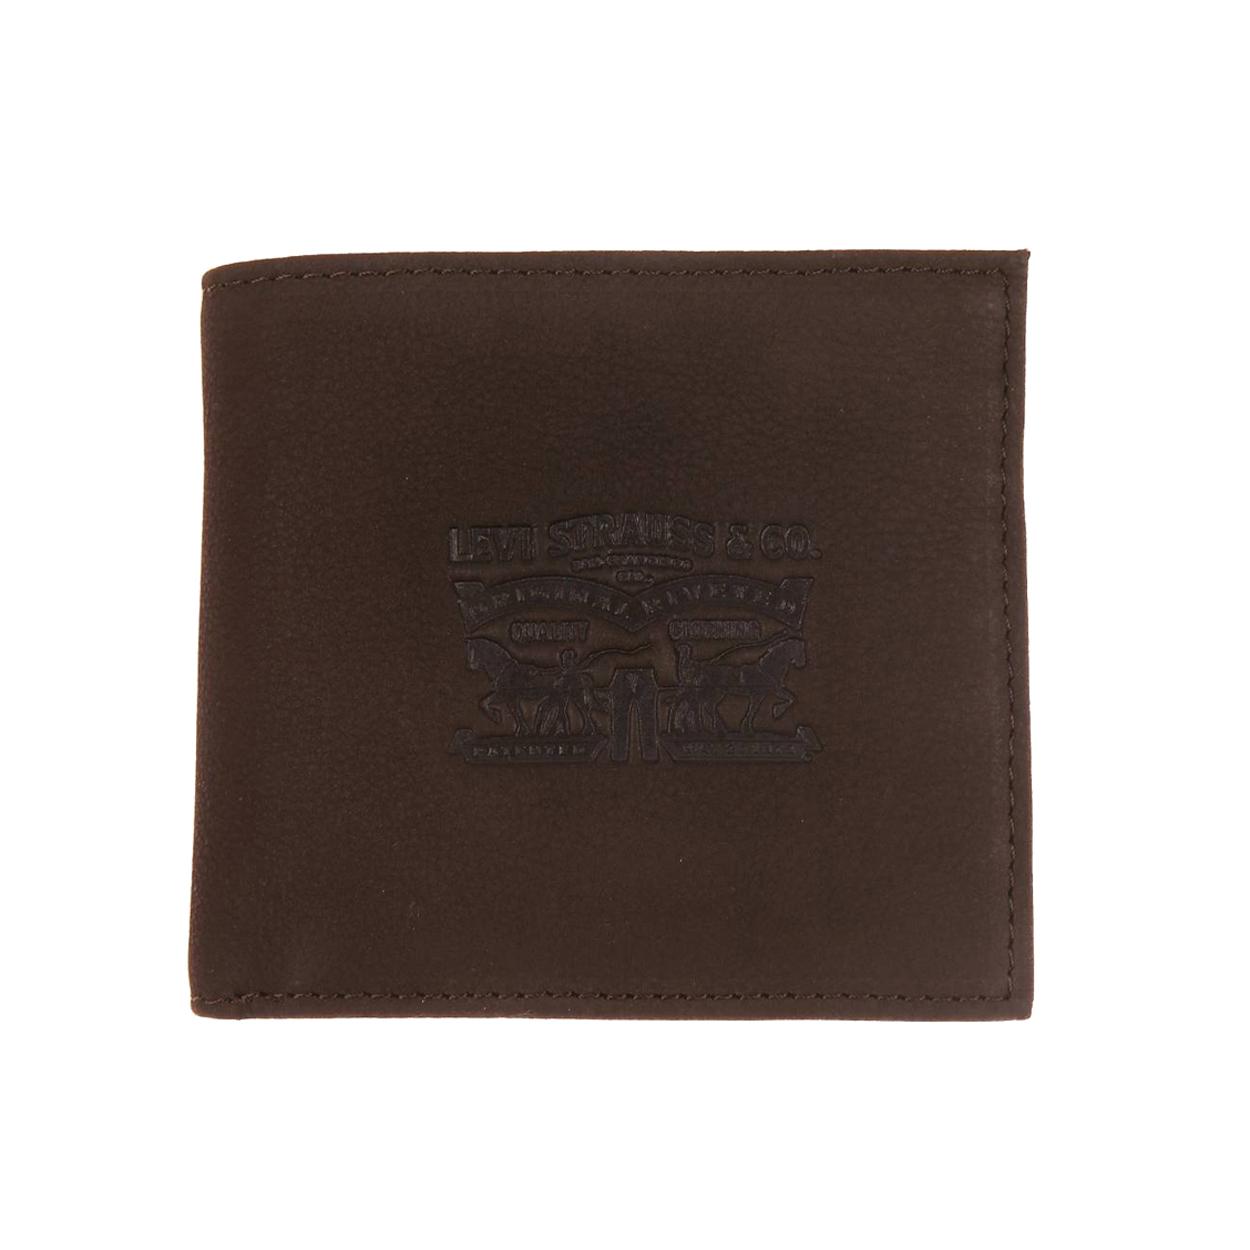 Portefeuille italien 2 volets levi\'s vintage two horse en cuir marron à porte-monnaie